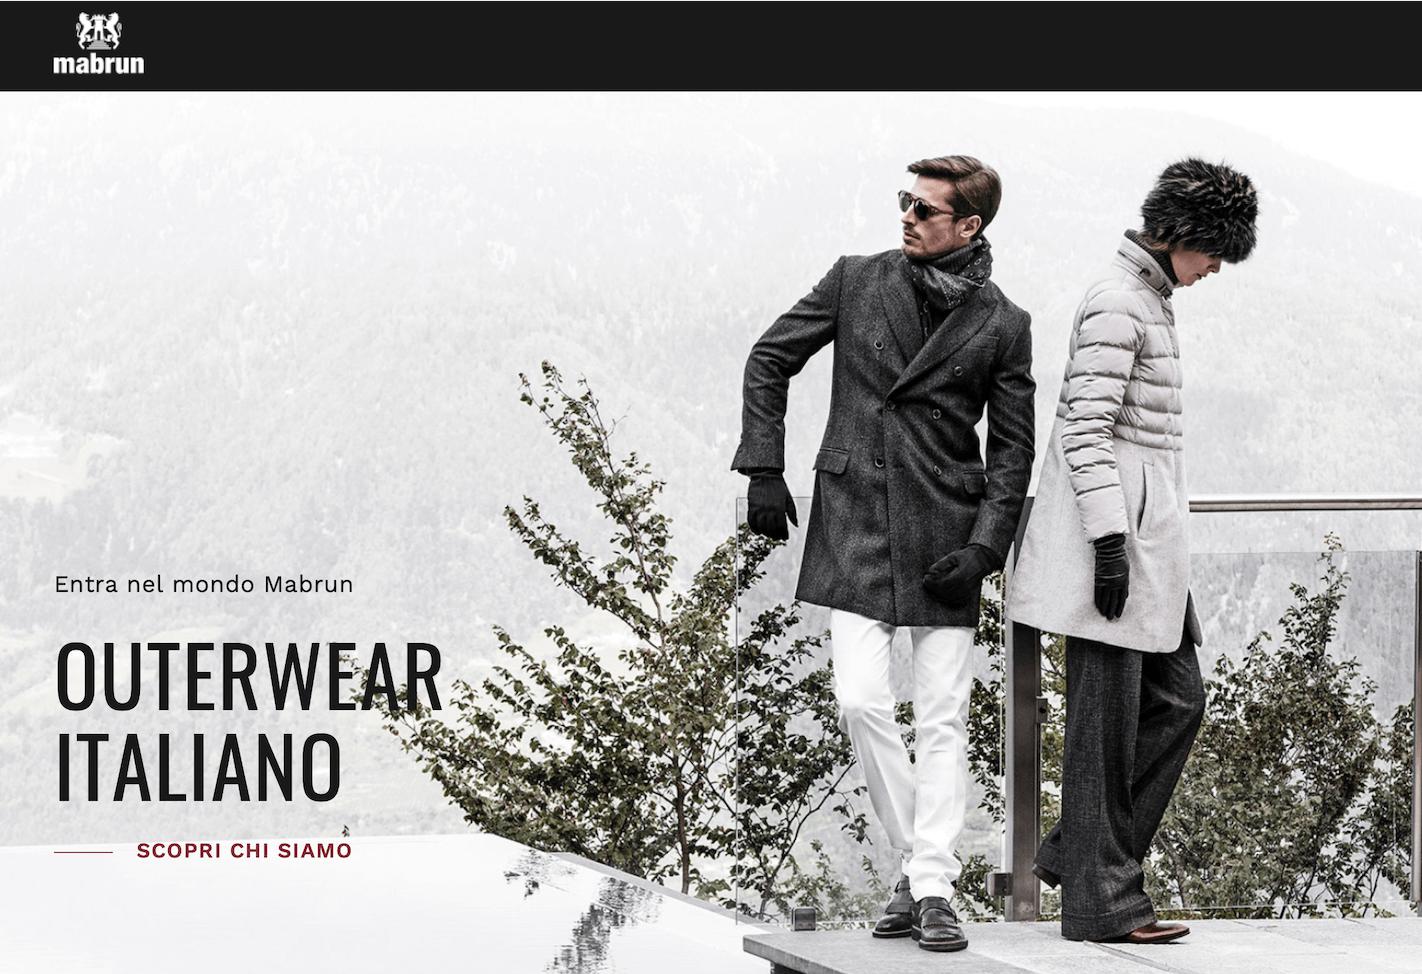 80多年历史的意大利运动服品牌 Mabrun 被I.M. Project收购,计划重新推出